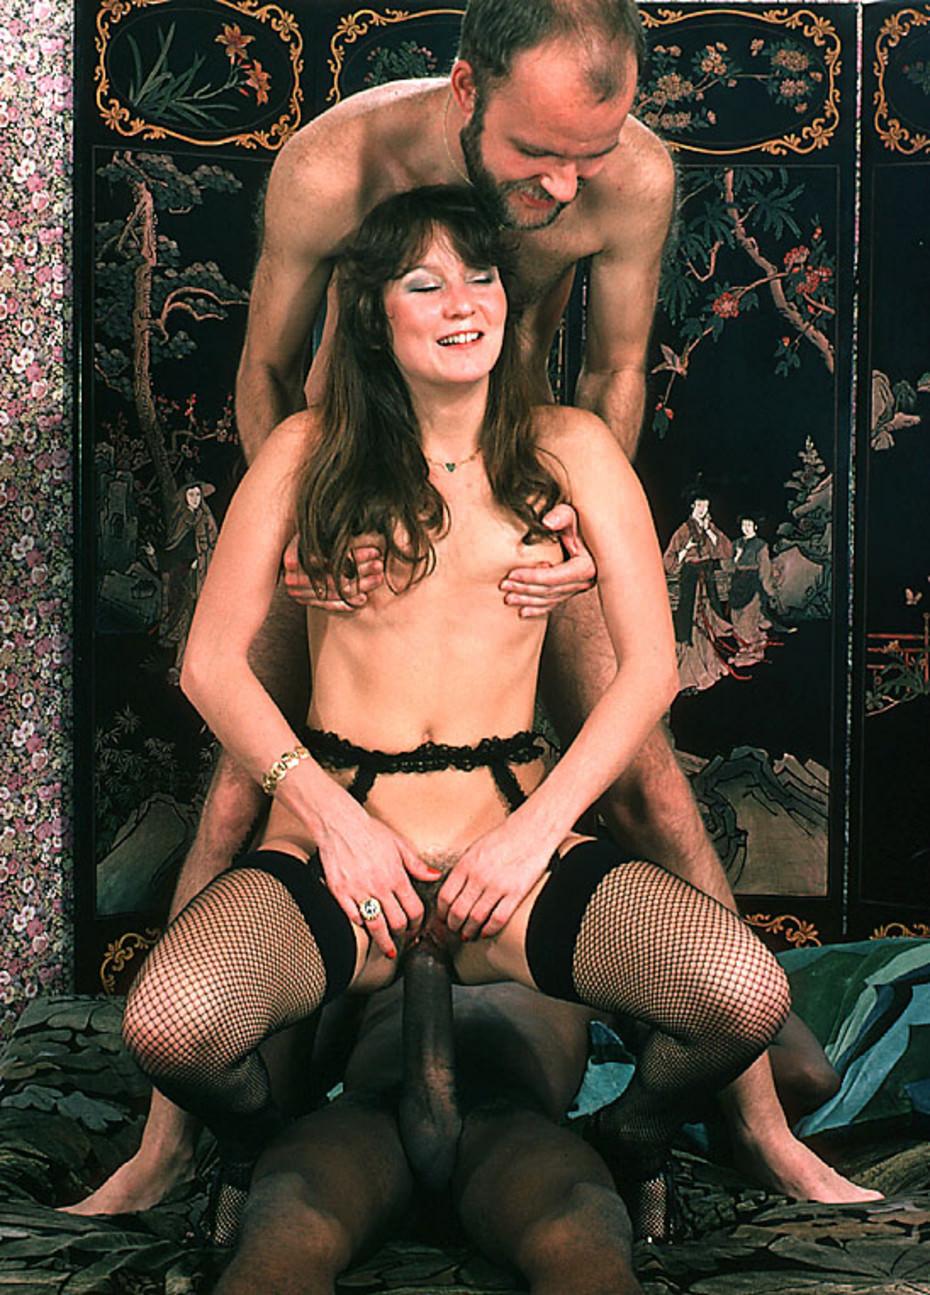 the latina girl nude